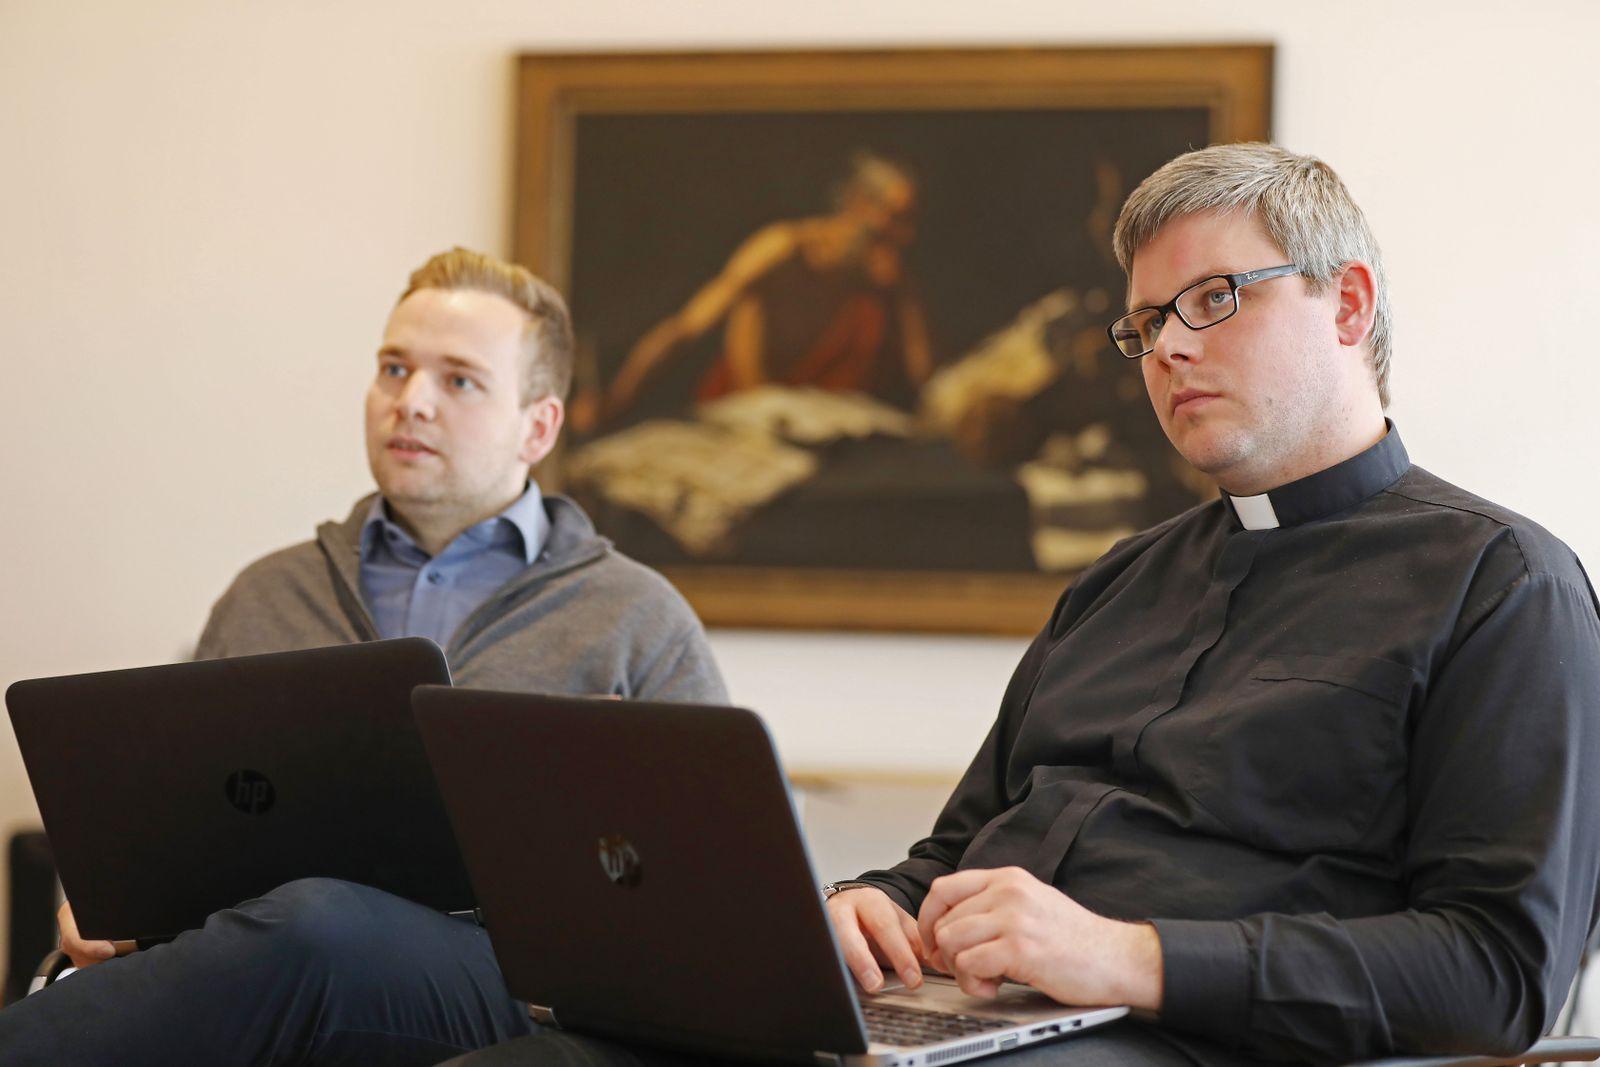 Katholische Priester sollen Social-Media-Influencer werden